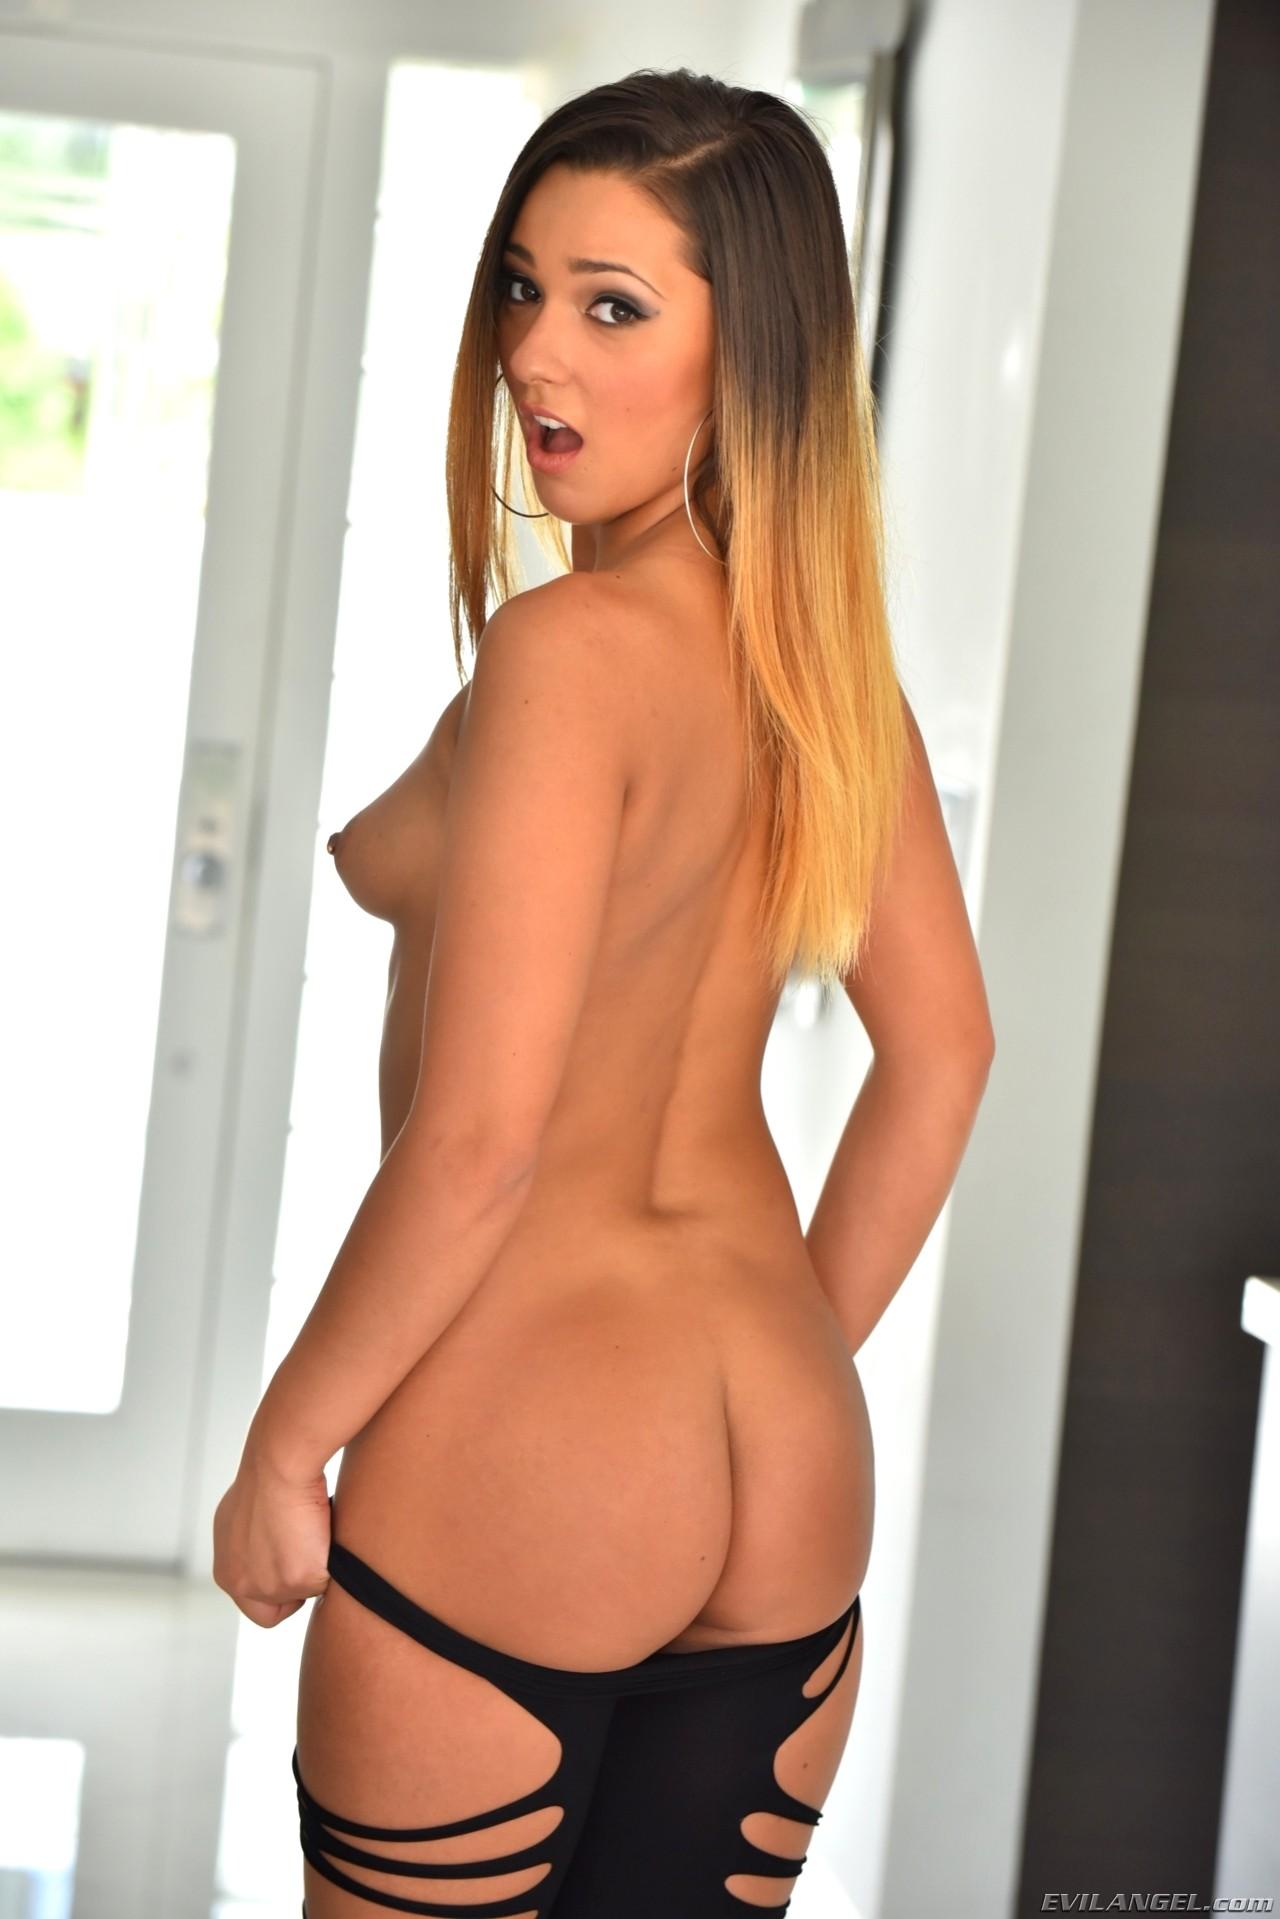 Linsey dawn mckenzie naked